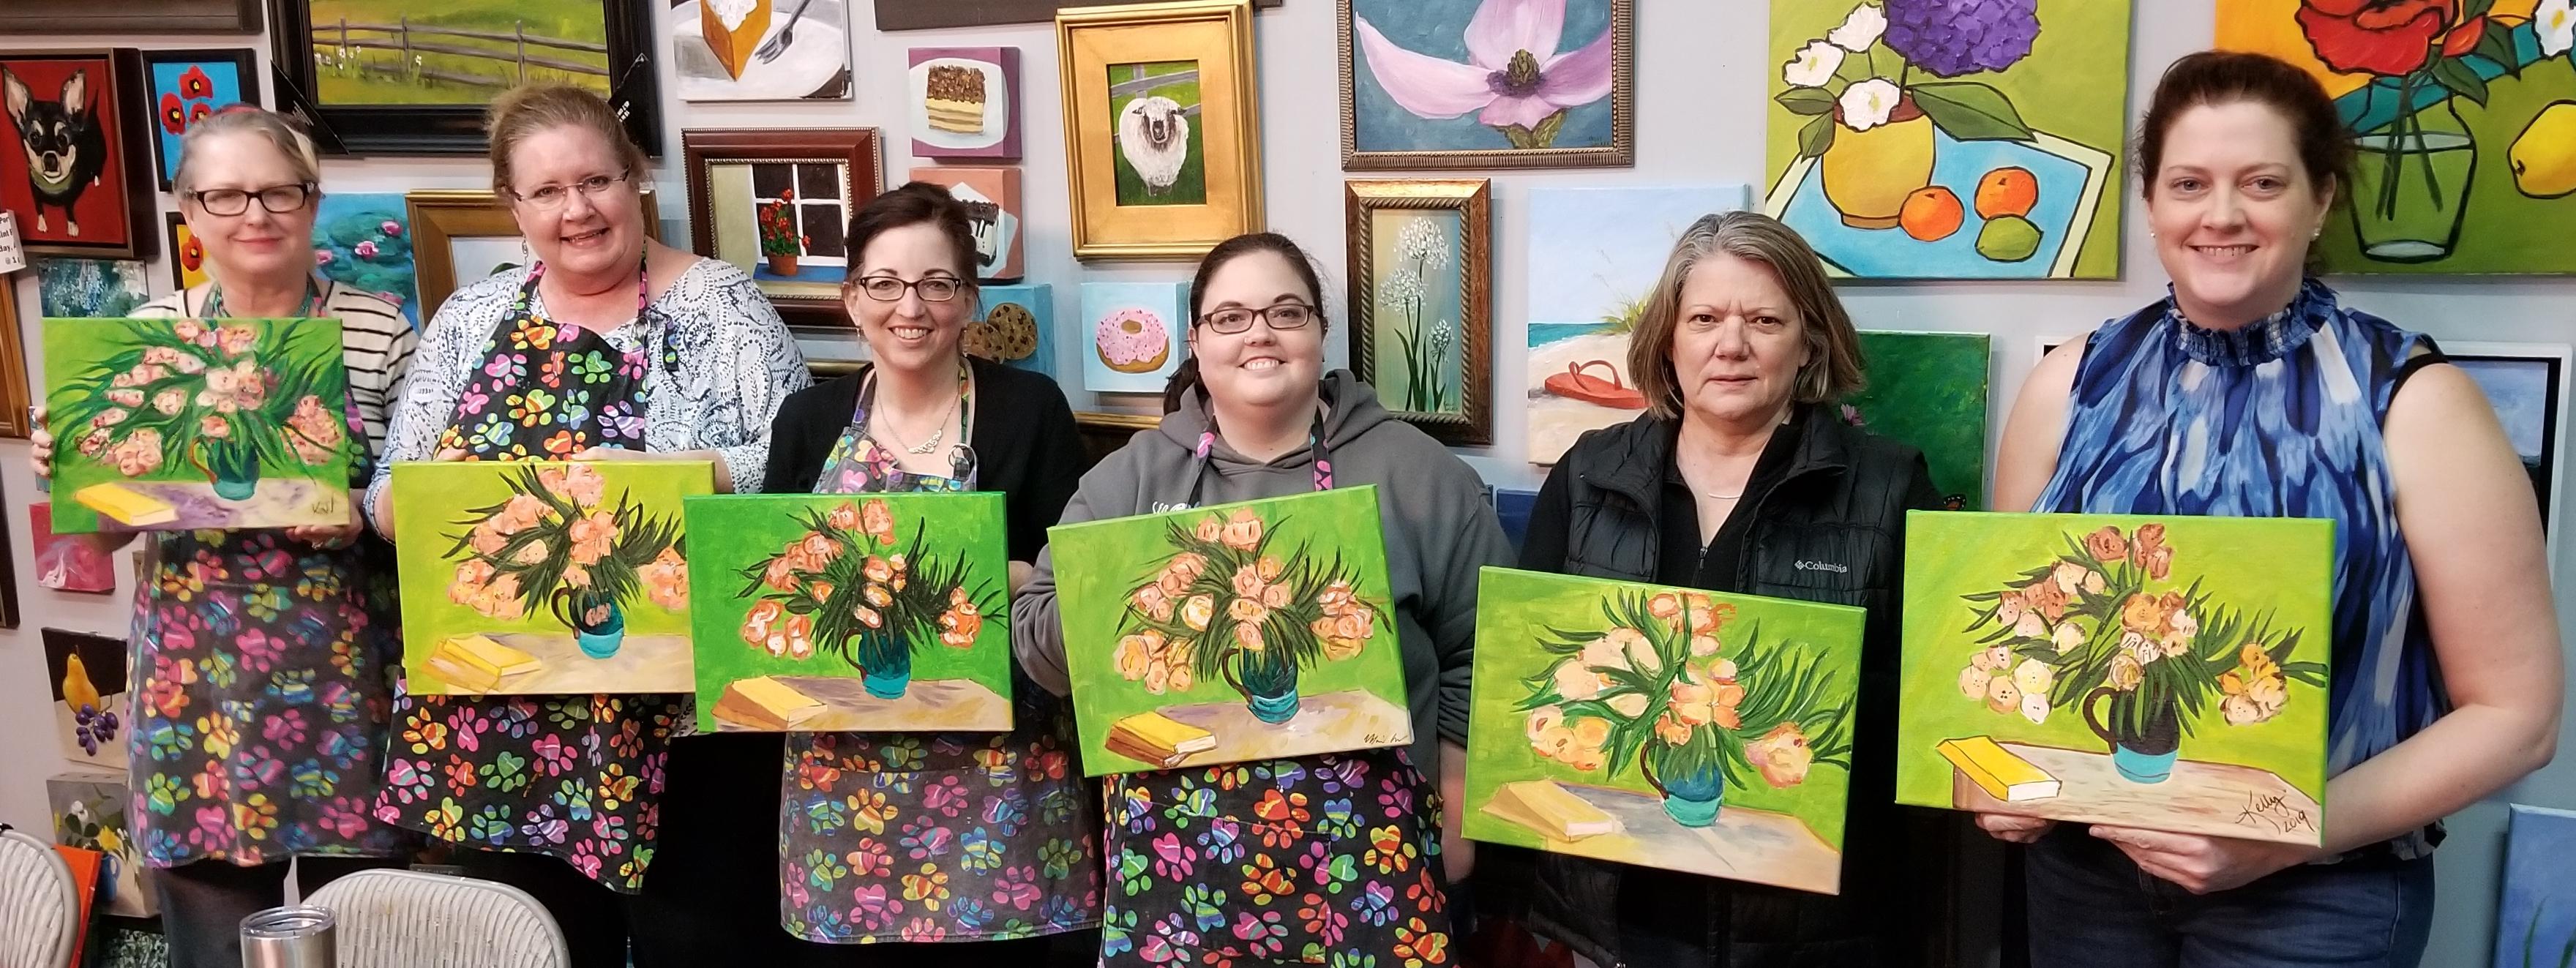 Famous Painters Van Gogh March